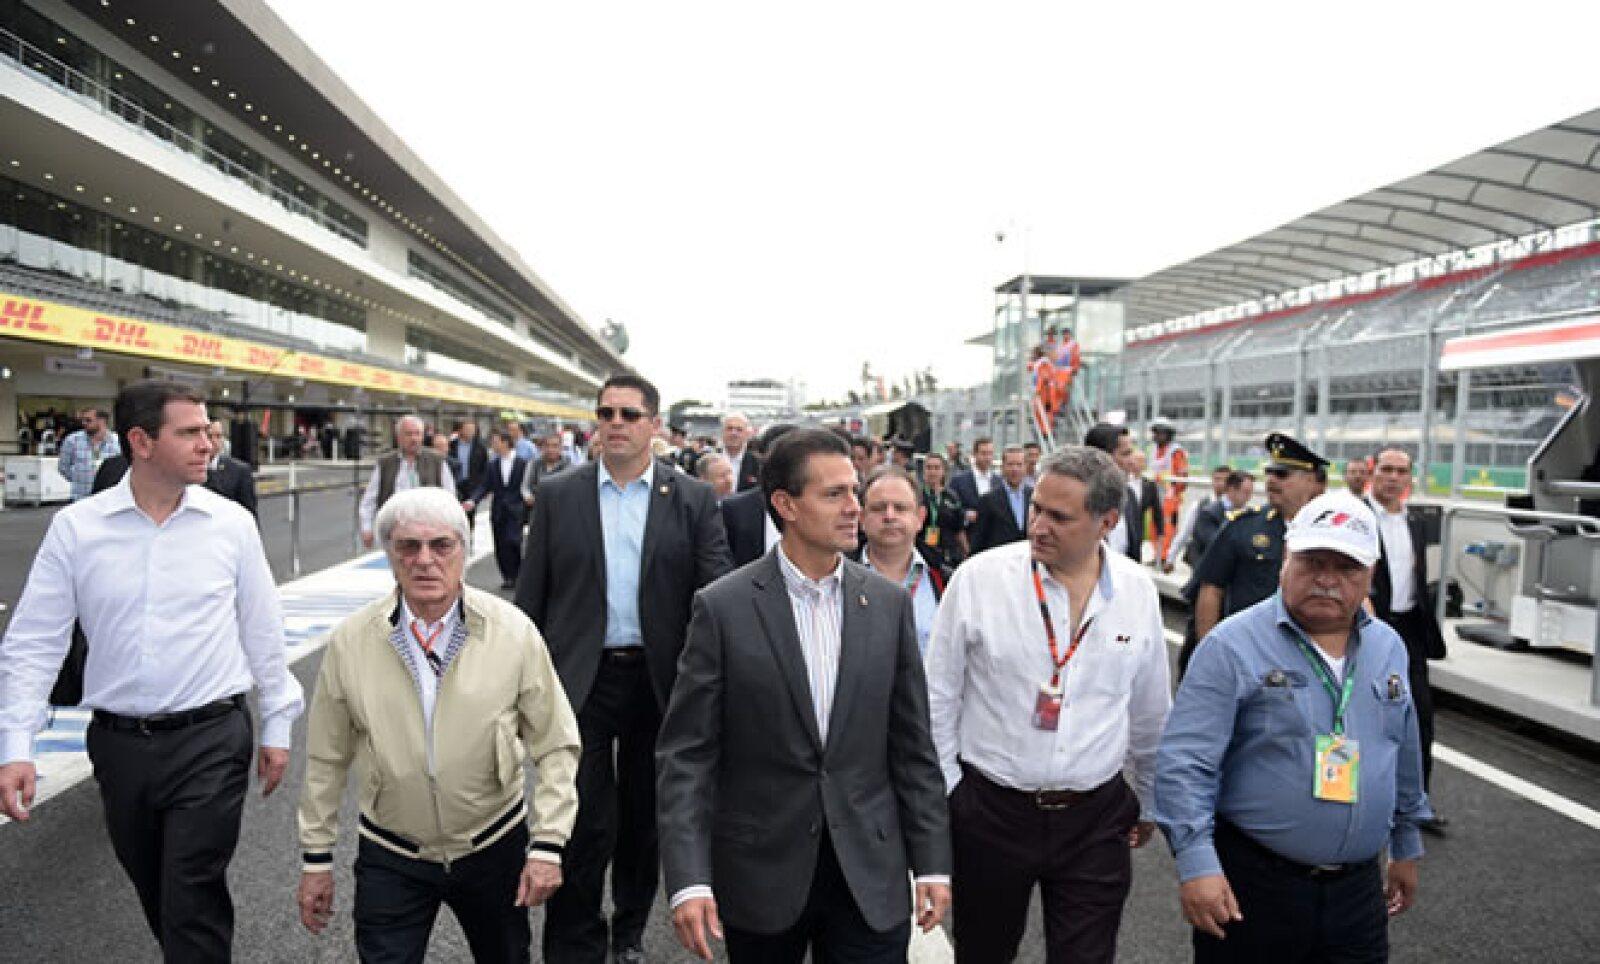 La carrera de la F1 en México tendrá una promoción que equivale a 200 millones de dólares, informó la Secretaría de Turismo del DF.